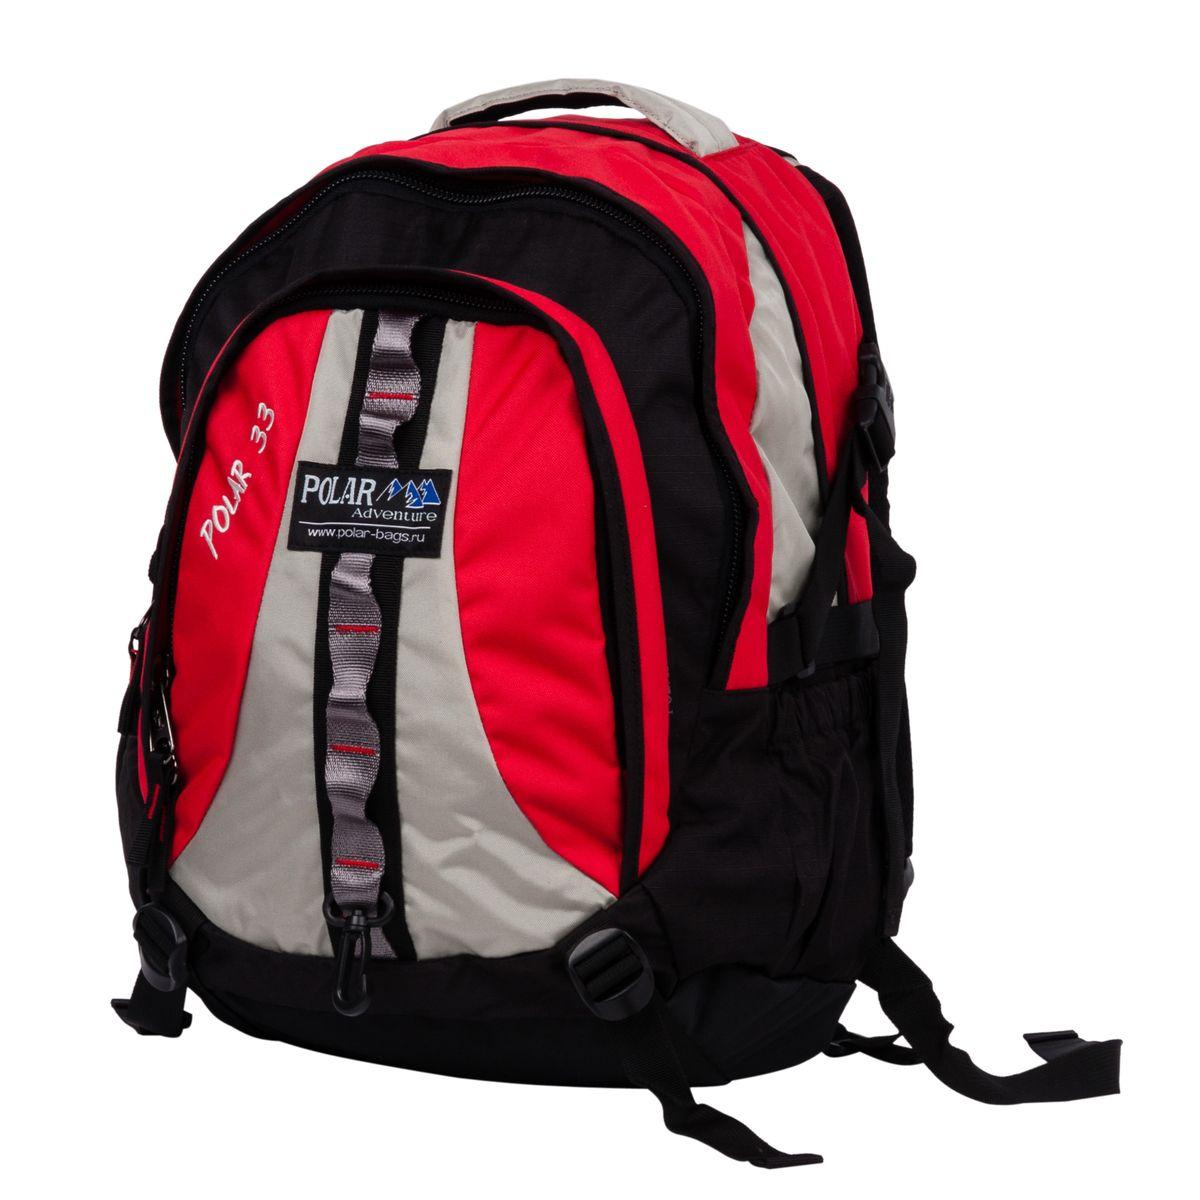 Рюкзак городской Polar, цвет: красный, 27 л. П1002-01Z90 blackНебольшой, вместительный рюкзак Polar с полностью вентилируемой спинкой с системой Aircomfort имеет мягкие плечевые лямки, которые создают дополнительный комфорт при ношении. Центральный отсек для персональных вещей и внутренним карманом для папки А4. Маленький карман для mp3, CD плеера. Выход под наушники. Большой передний карман с органайзером. Так же есть грудные стяжки, фиксирующие его удобное положение. Боковой карман из трикотажной сетки для бутылки с водой. Дождевик специальной формы на рюкзак, защищает его от намокания в дождливую погоду.